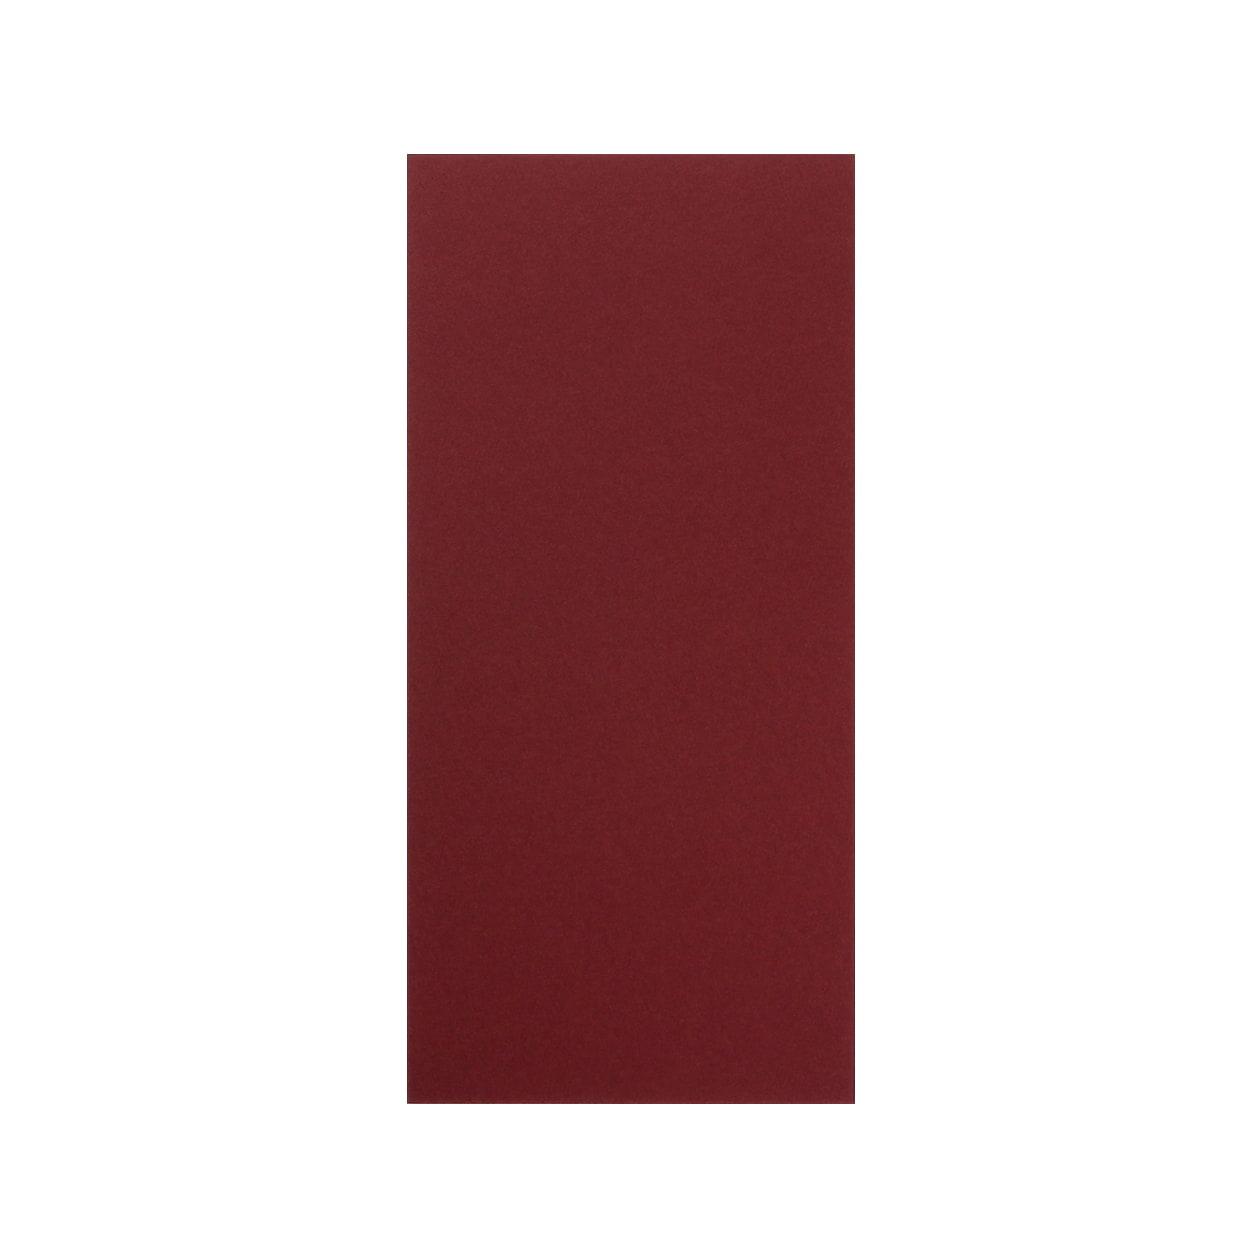 サンプル カード・シート 00400